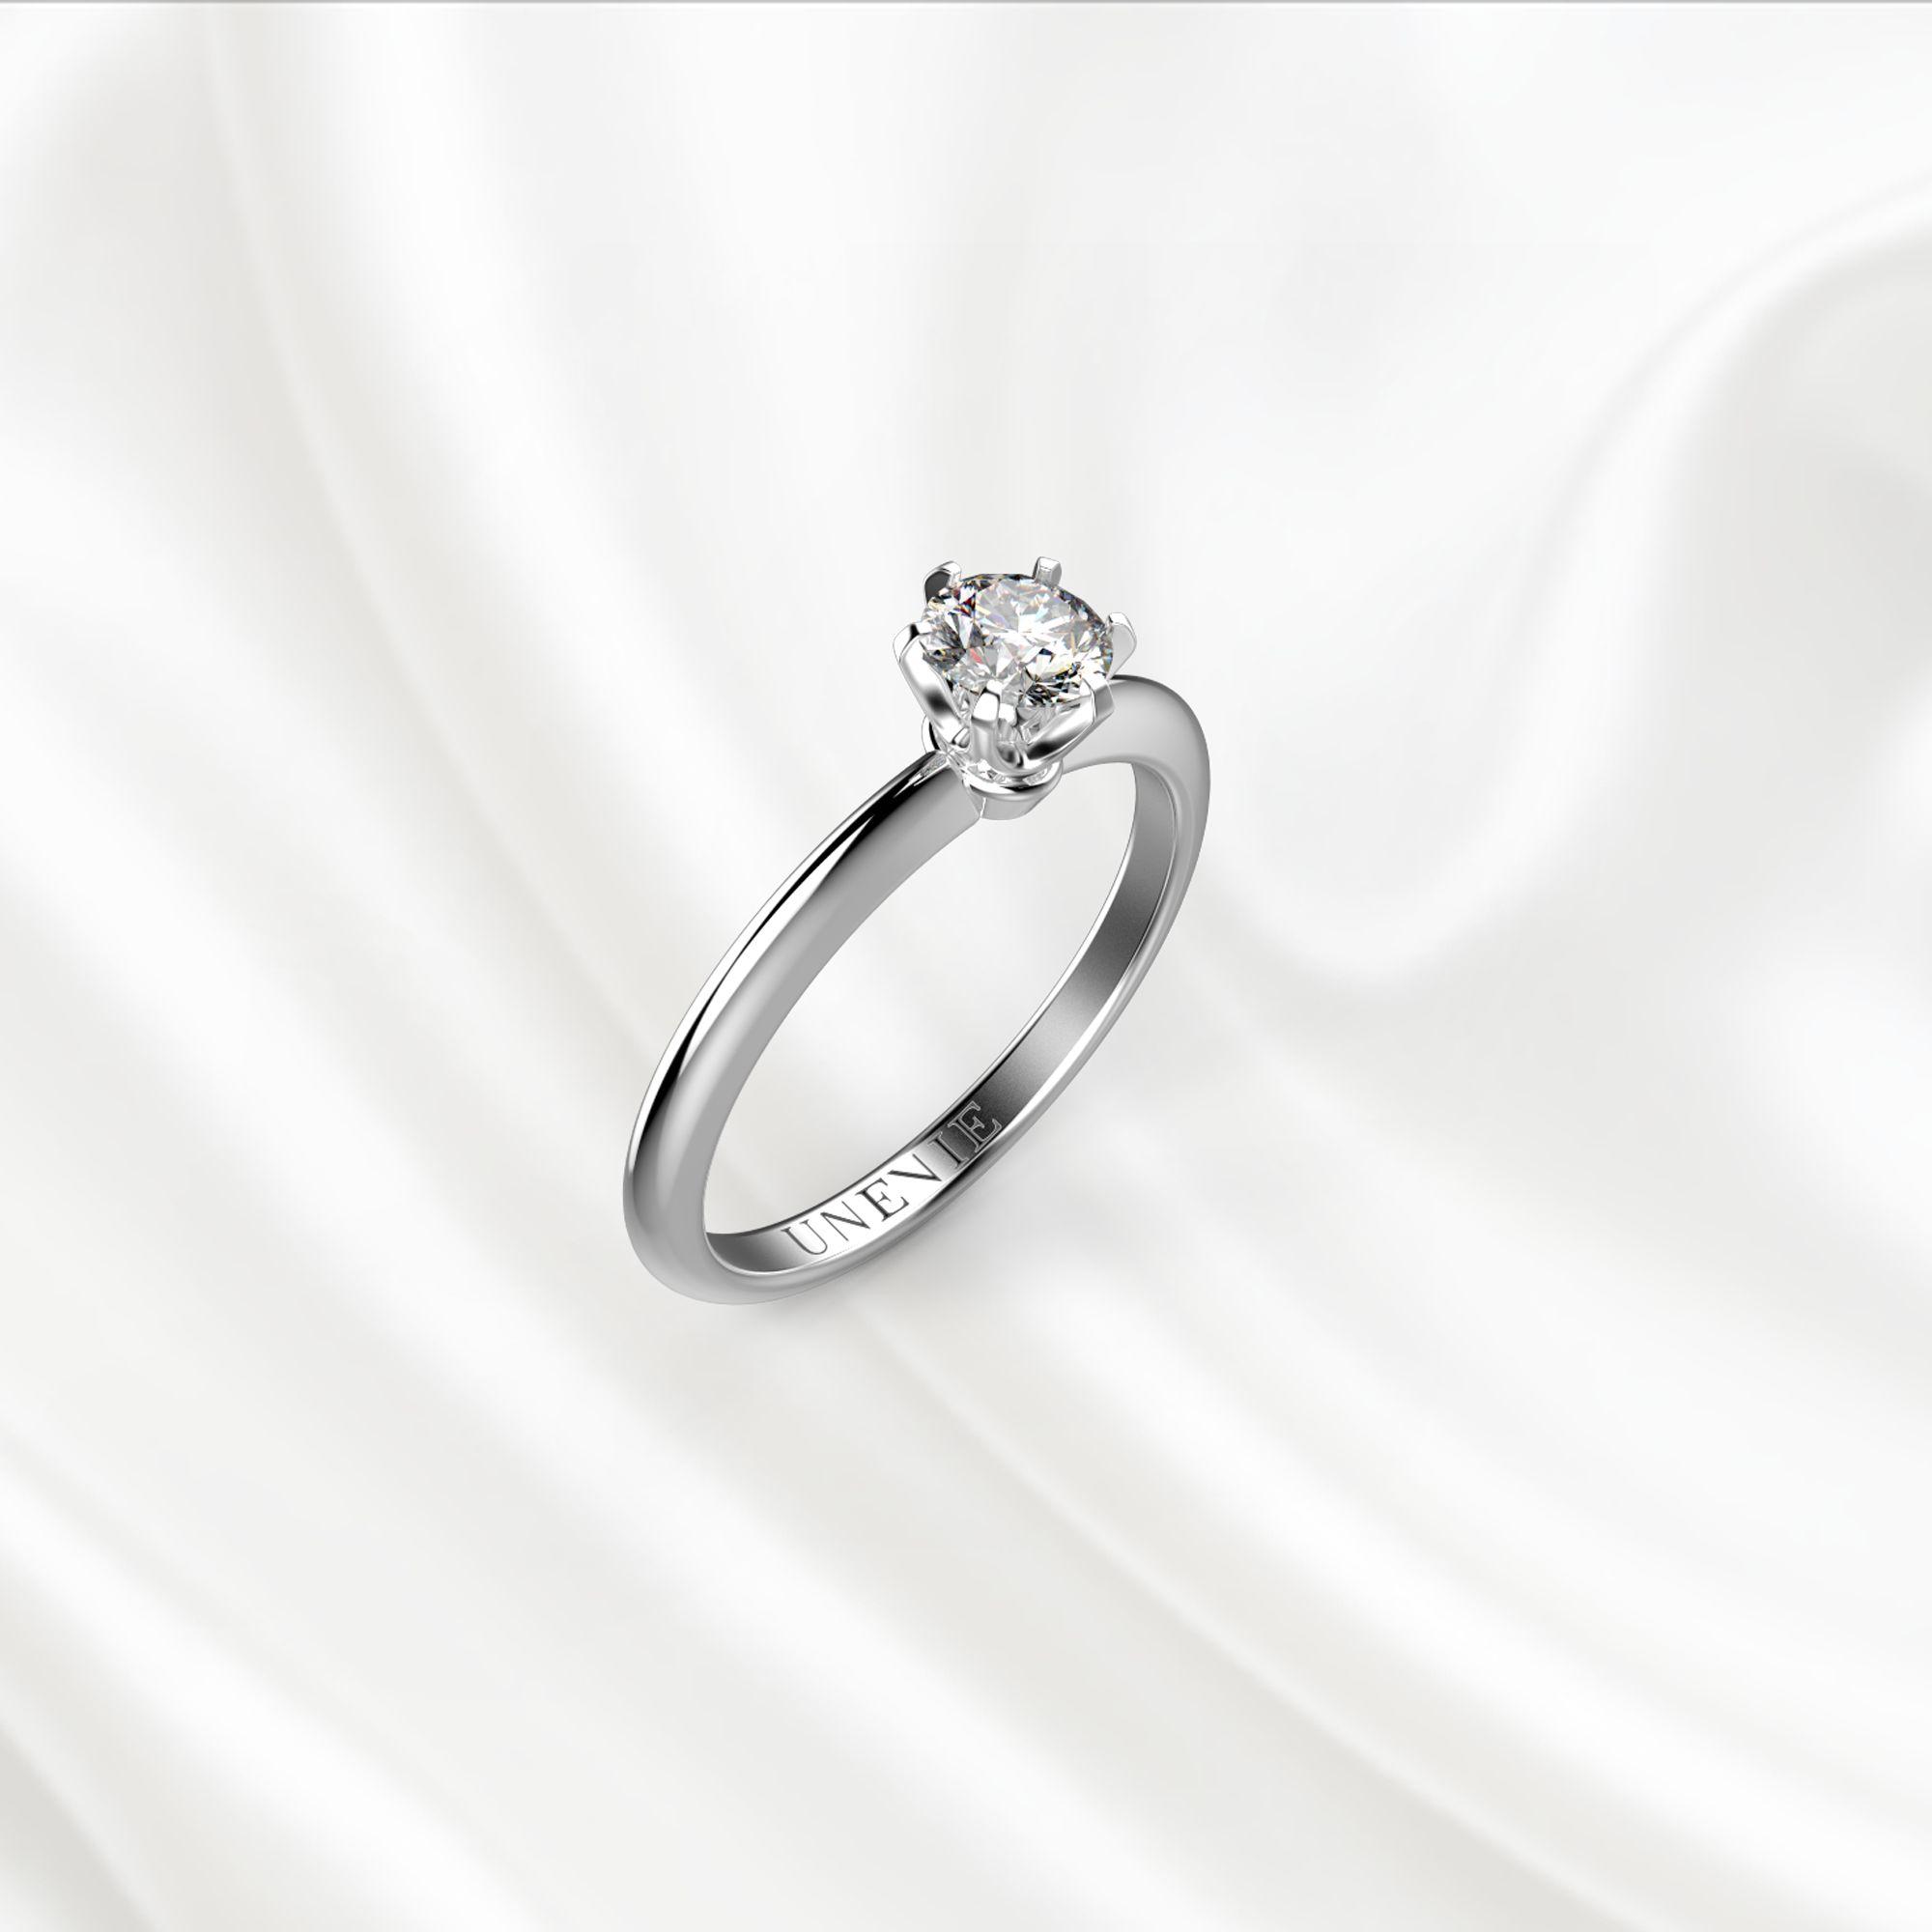 N6-1 Помолвочное кольцо из белого золота с бриллиантом 0.3 карат